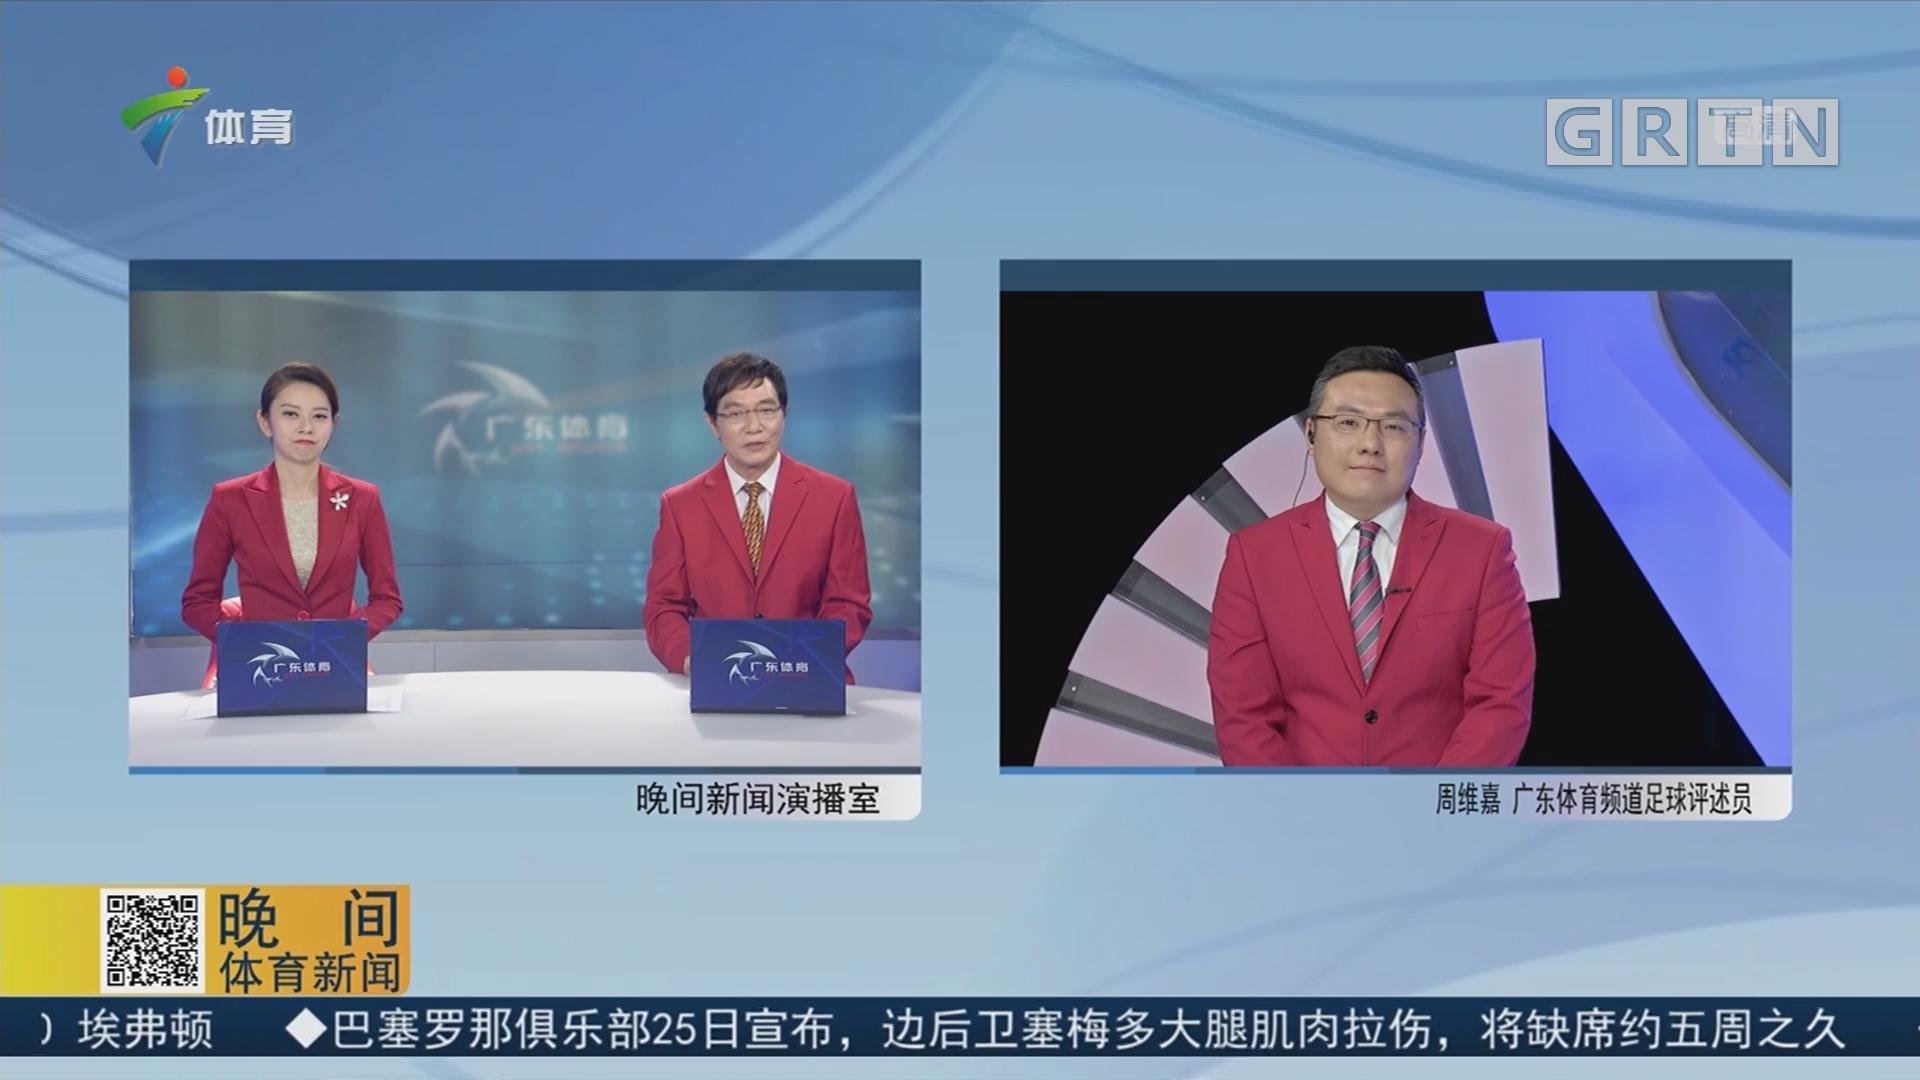 广东体育频道足球评述员周维嘉:广州恒大淘宝vs上海绿地申花